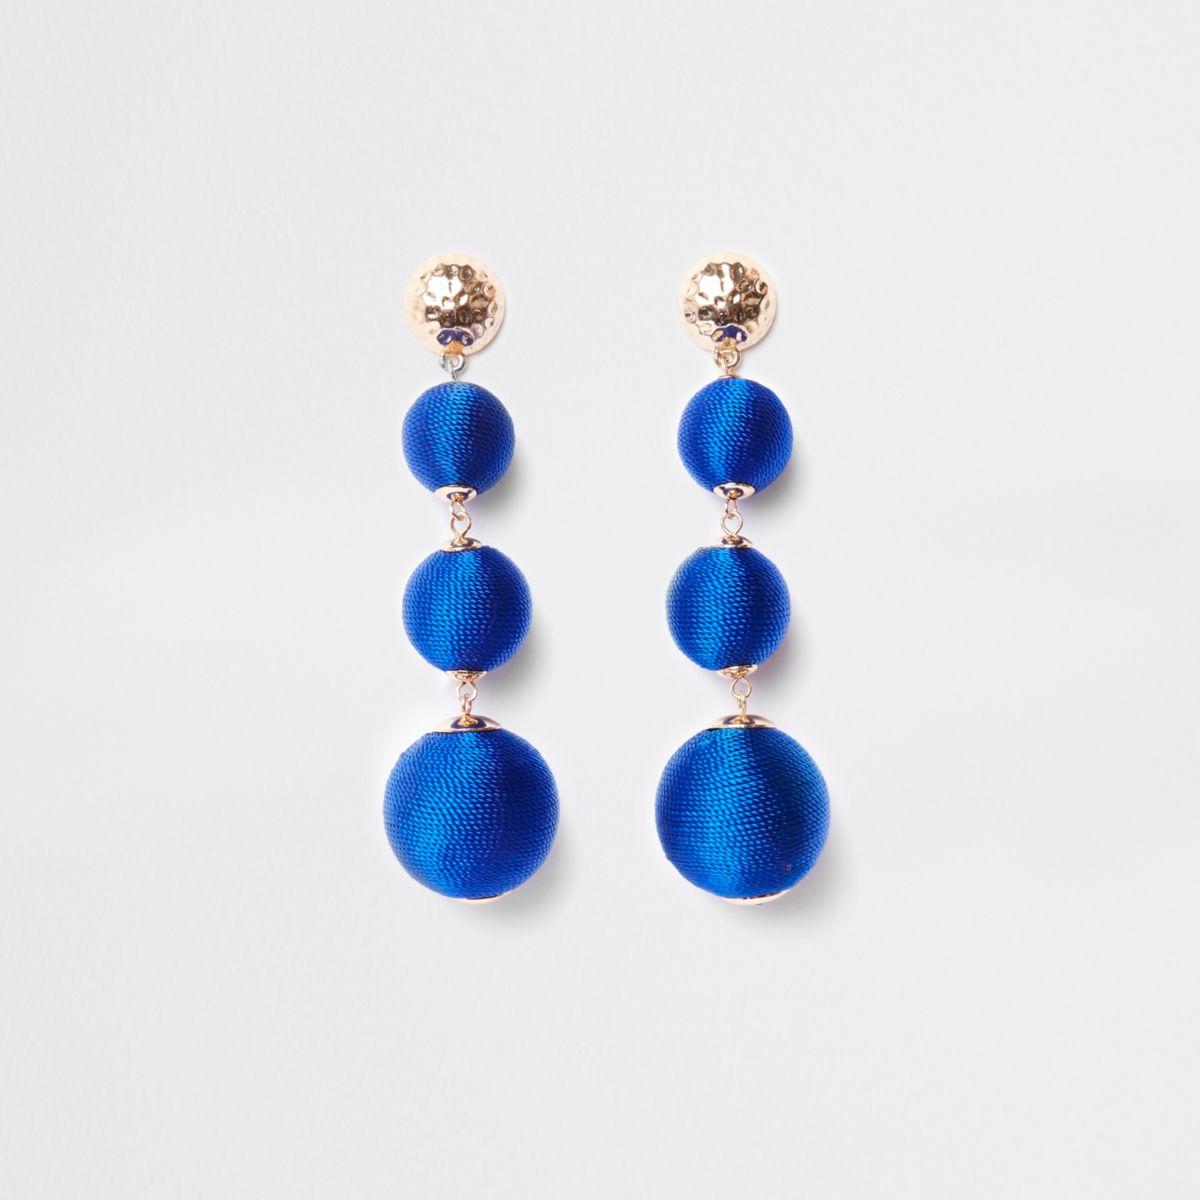 Blue triple ball drop earrings